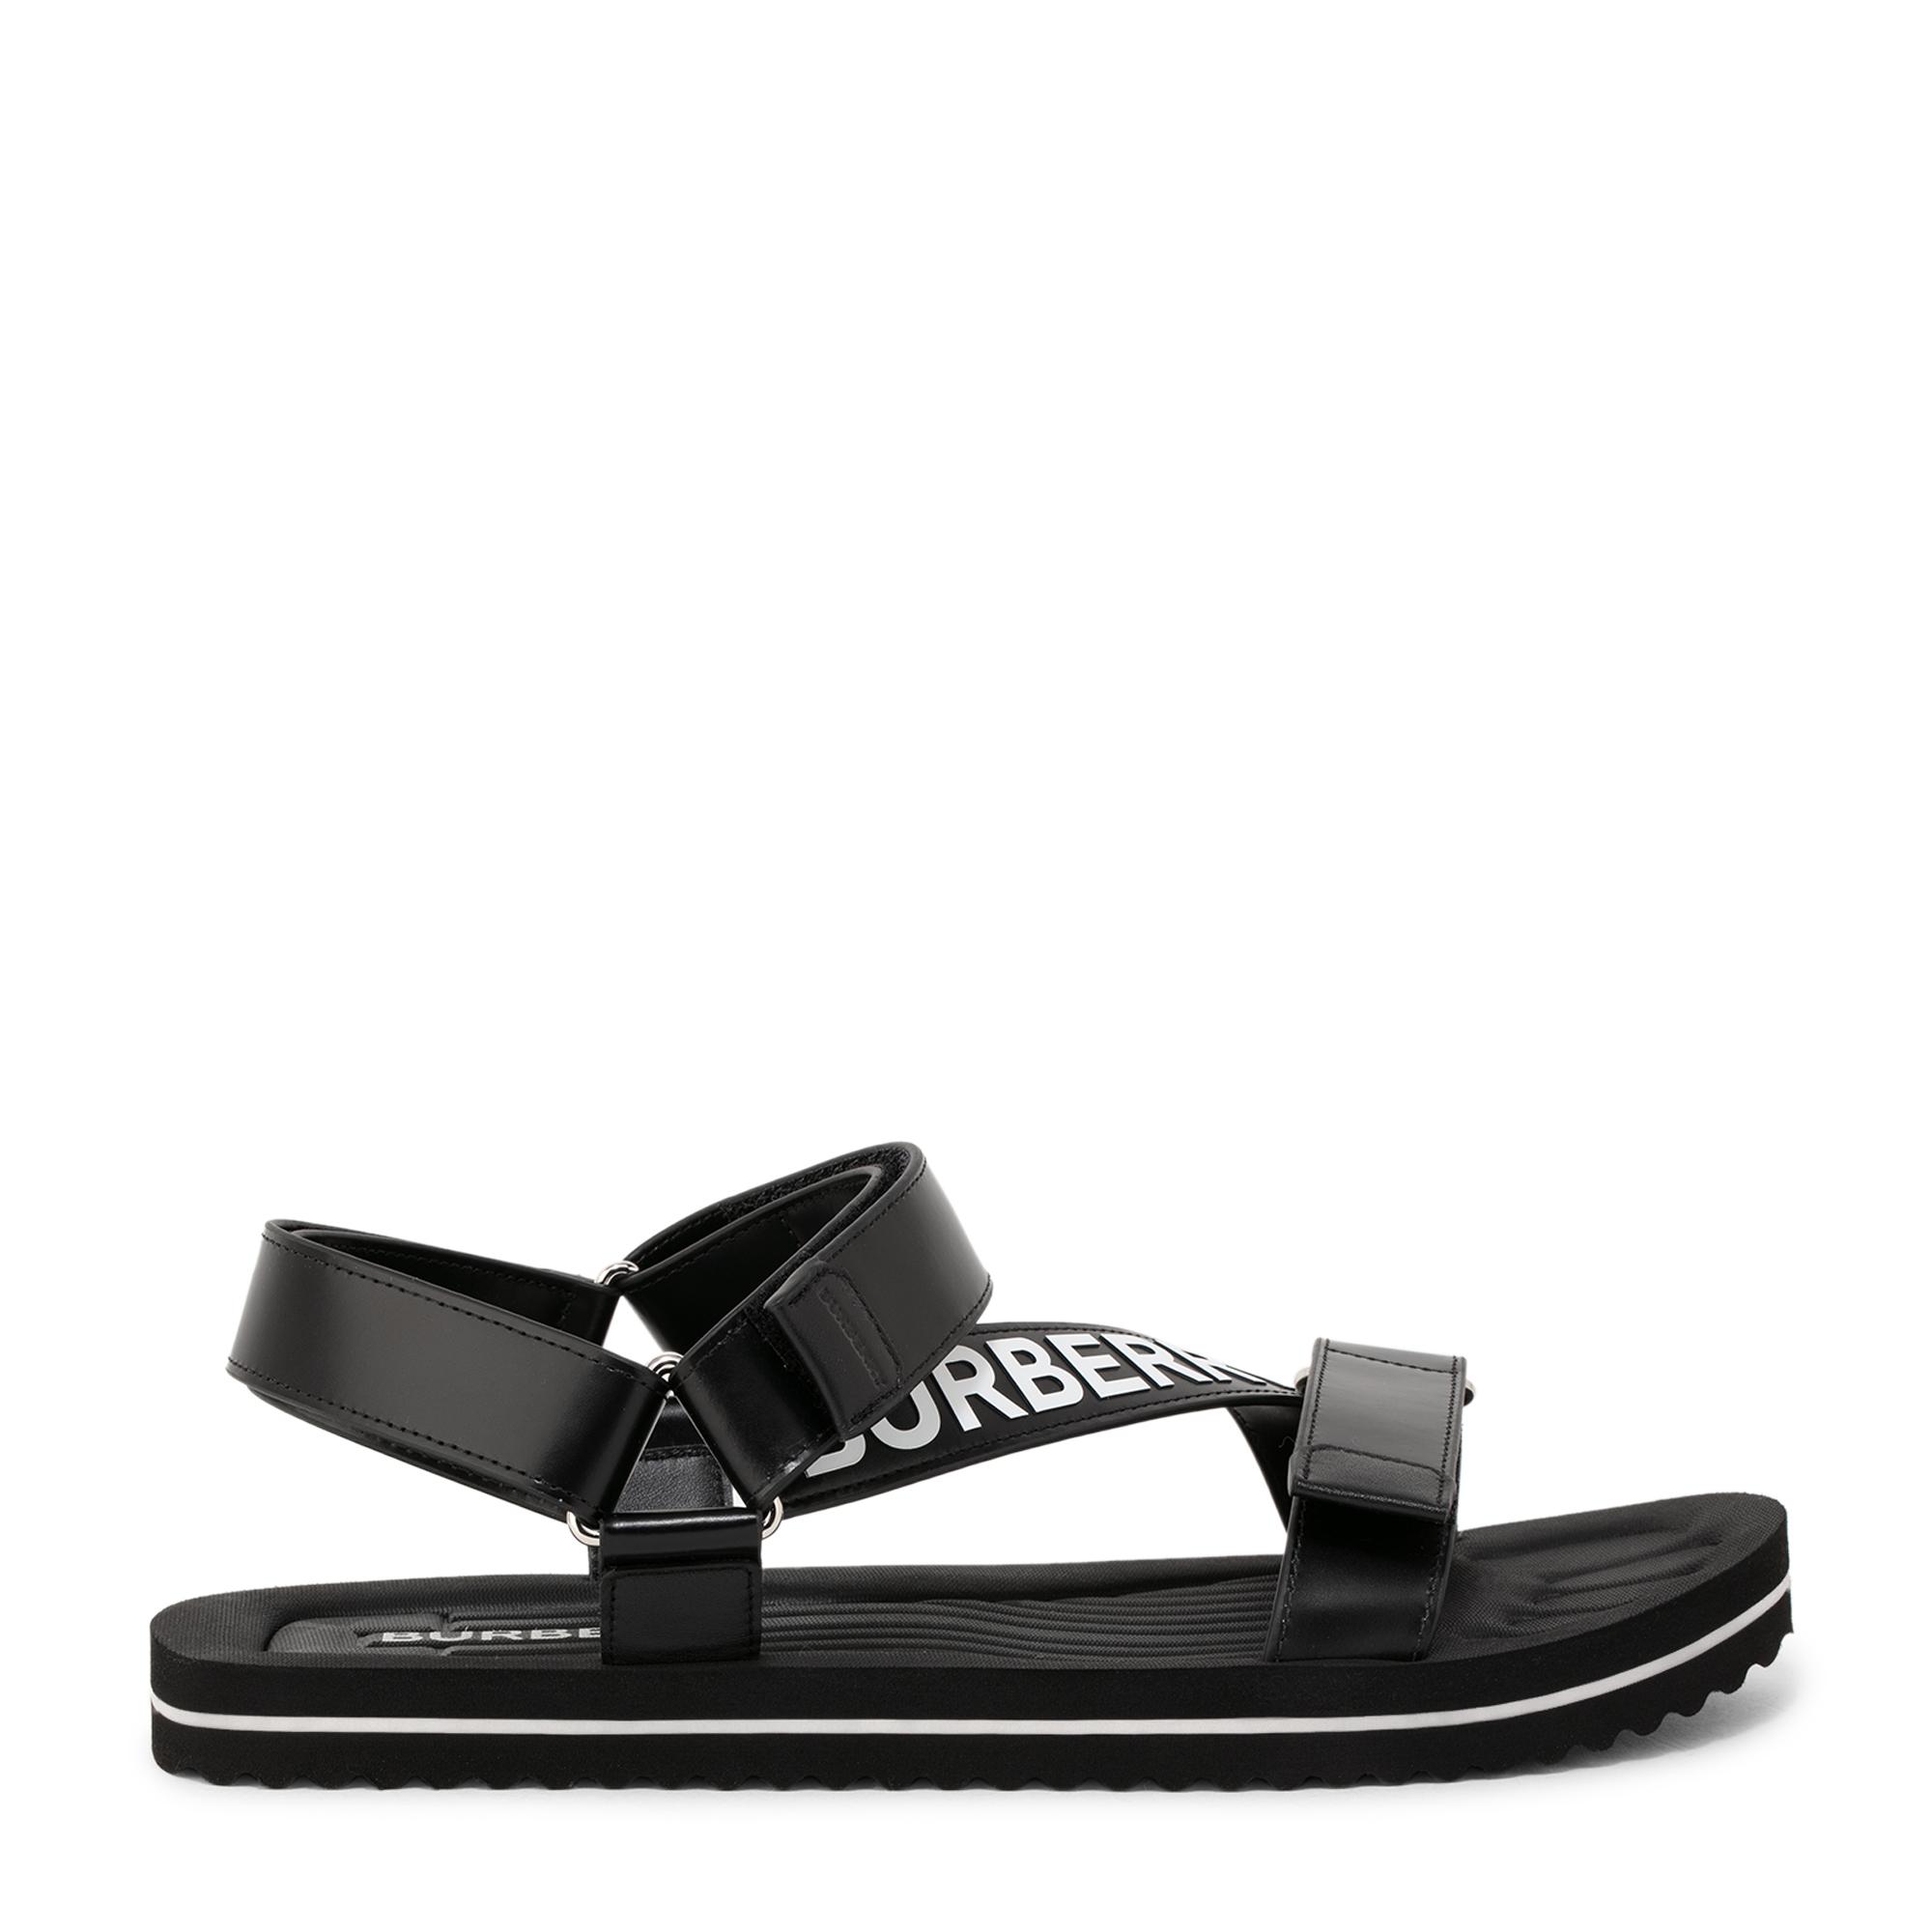 Patterson sandals